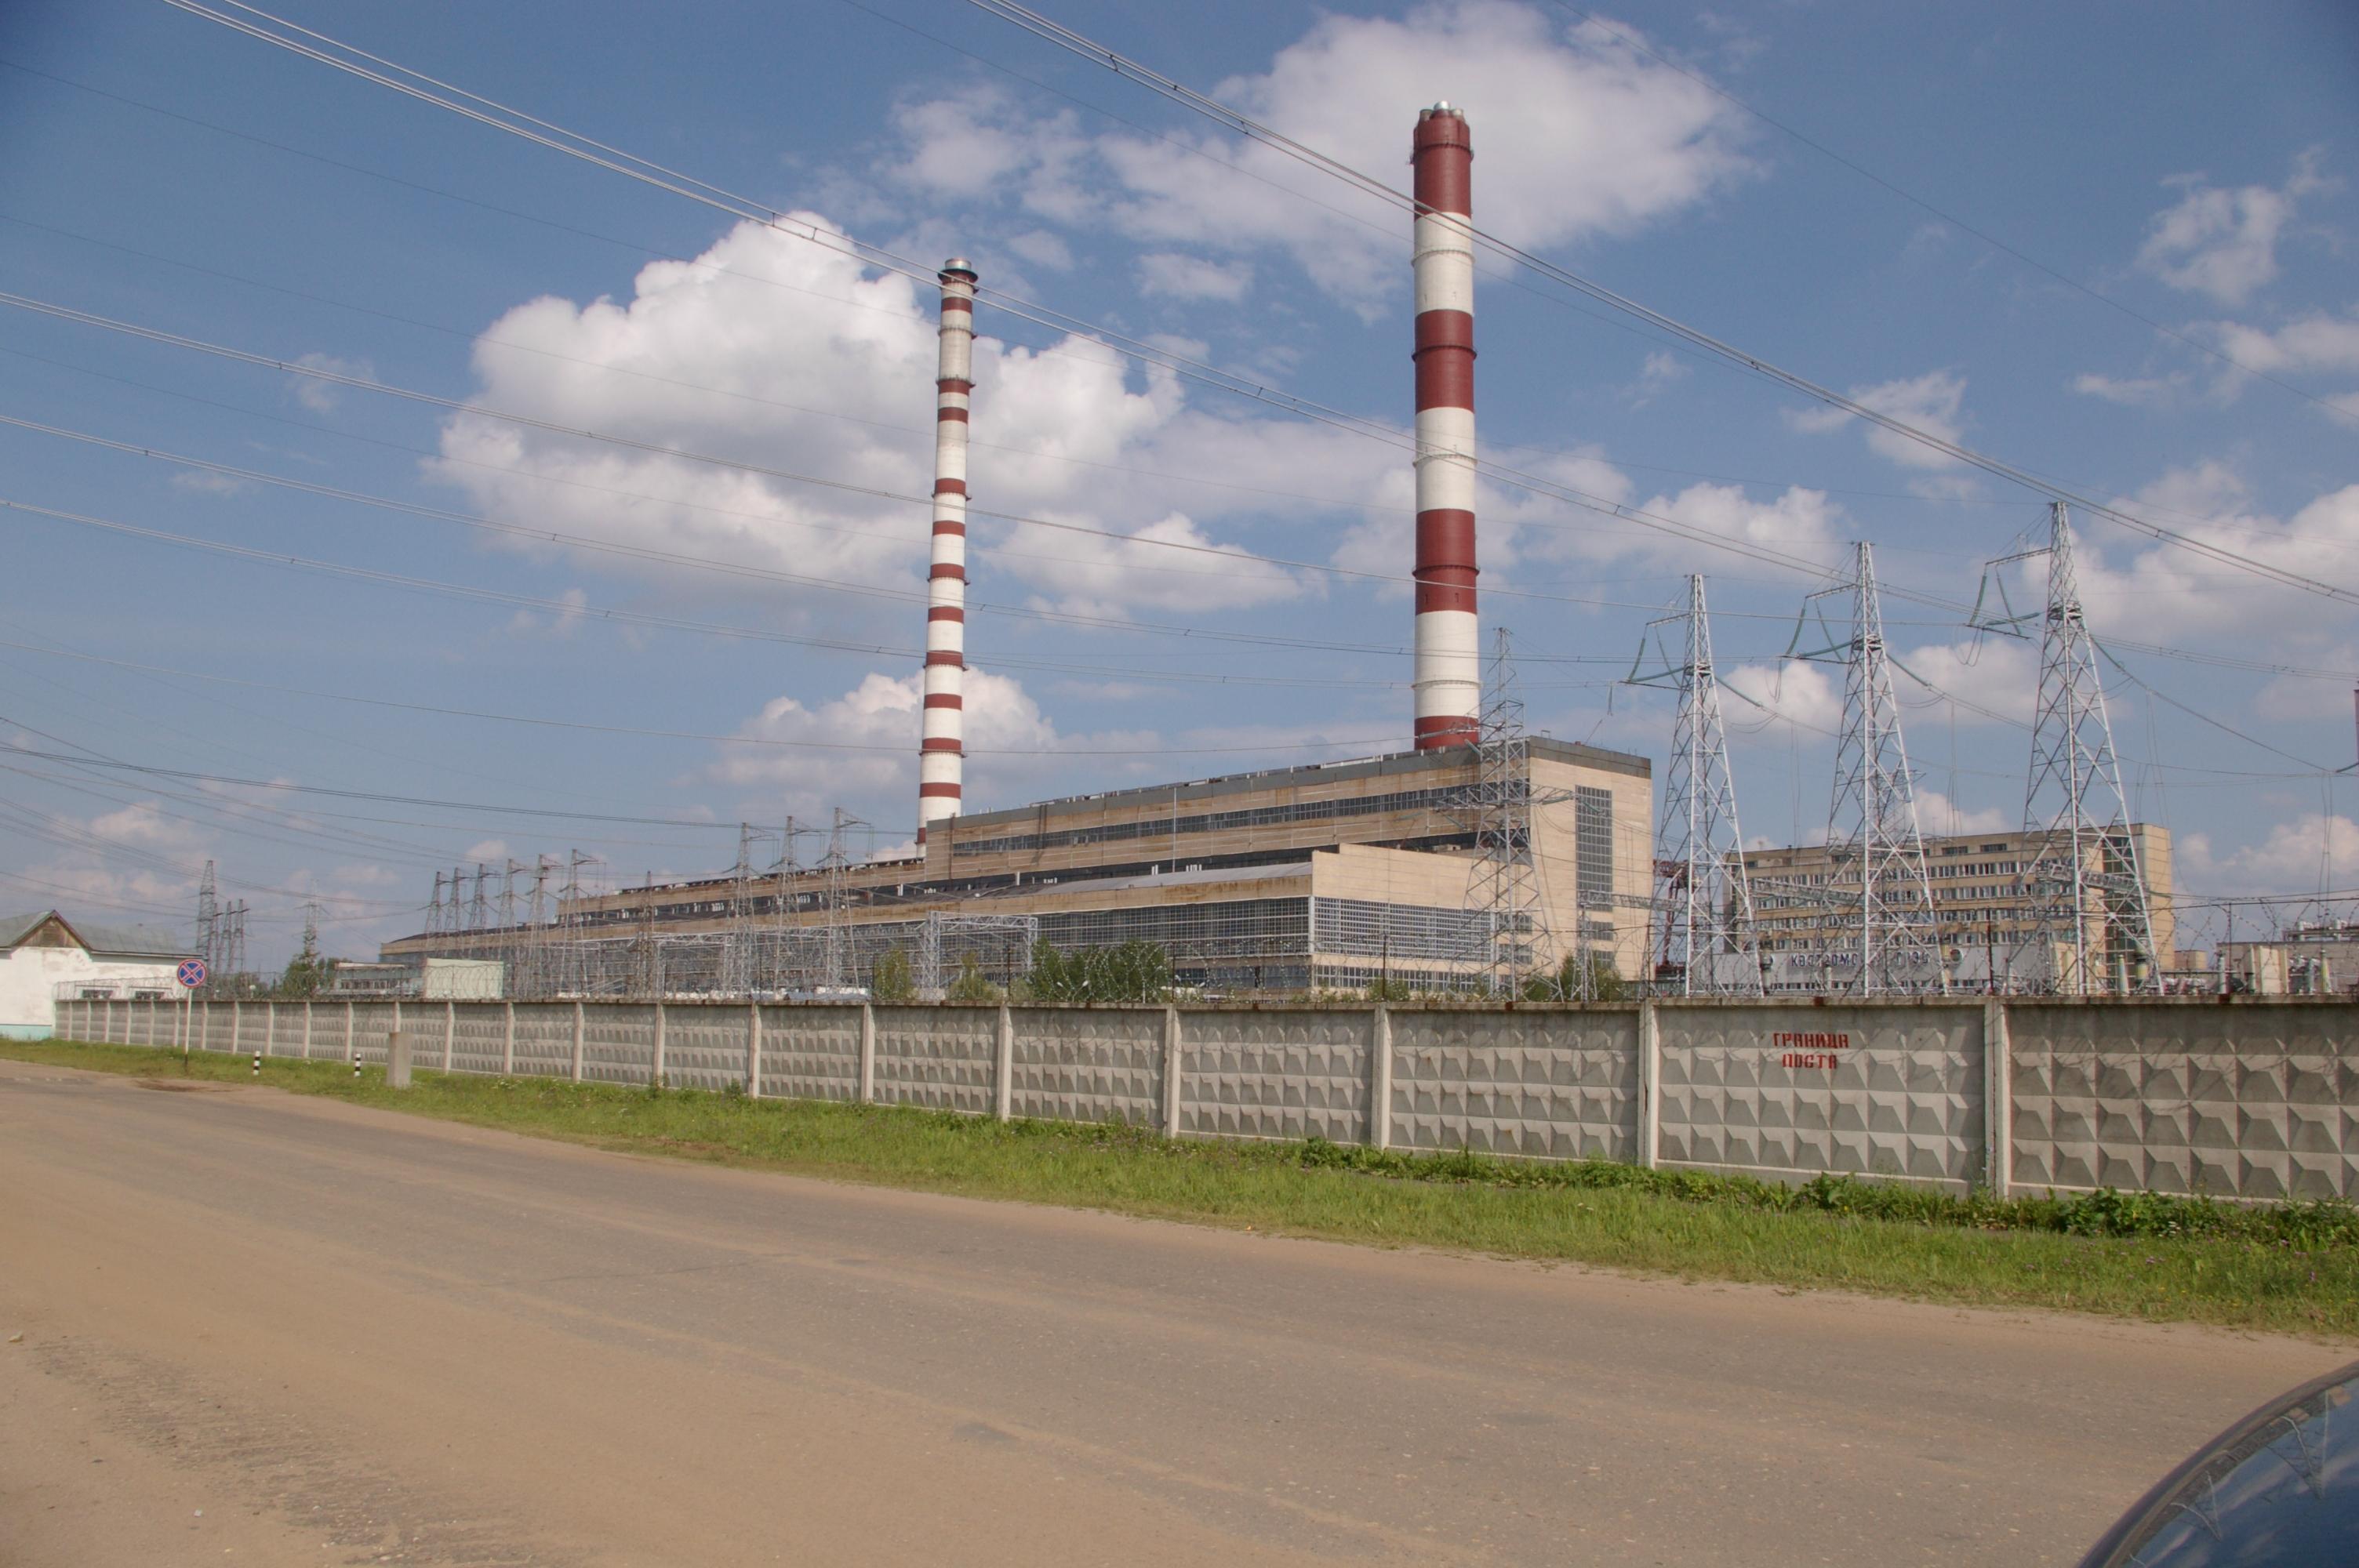 Kostroma gasskraftverk